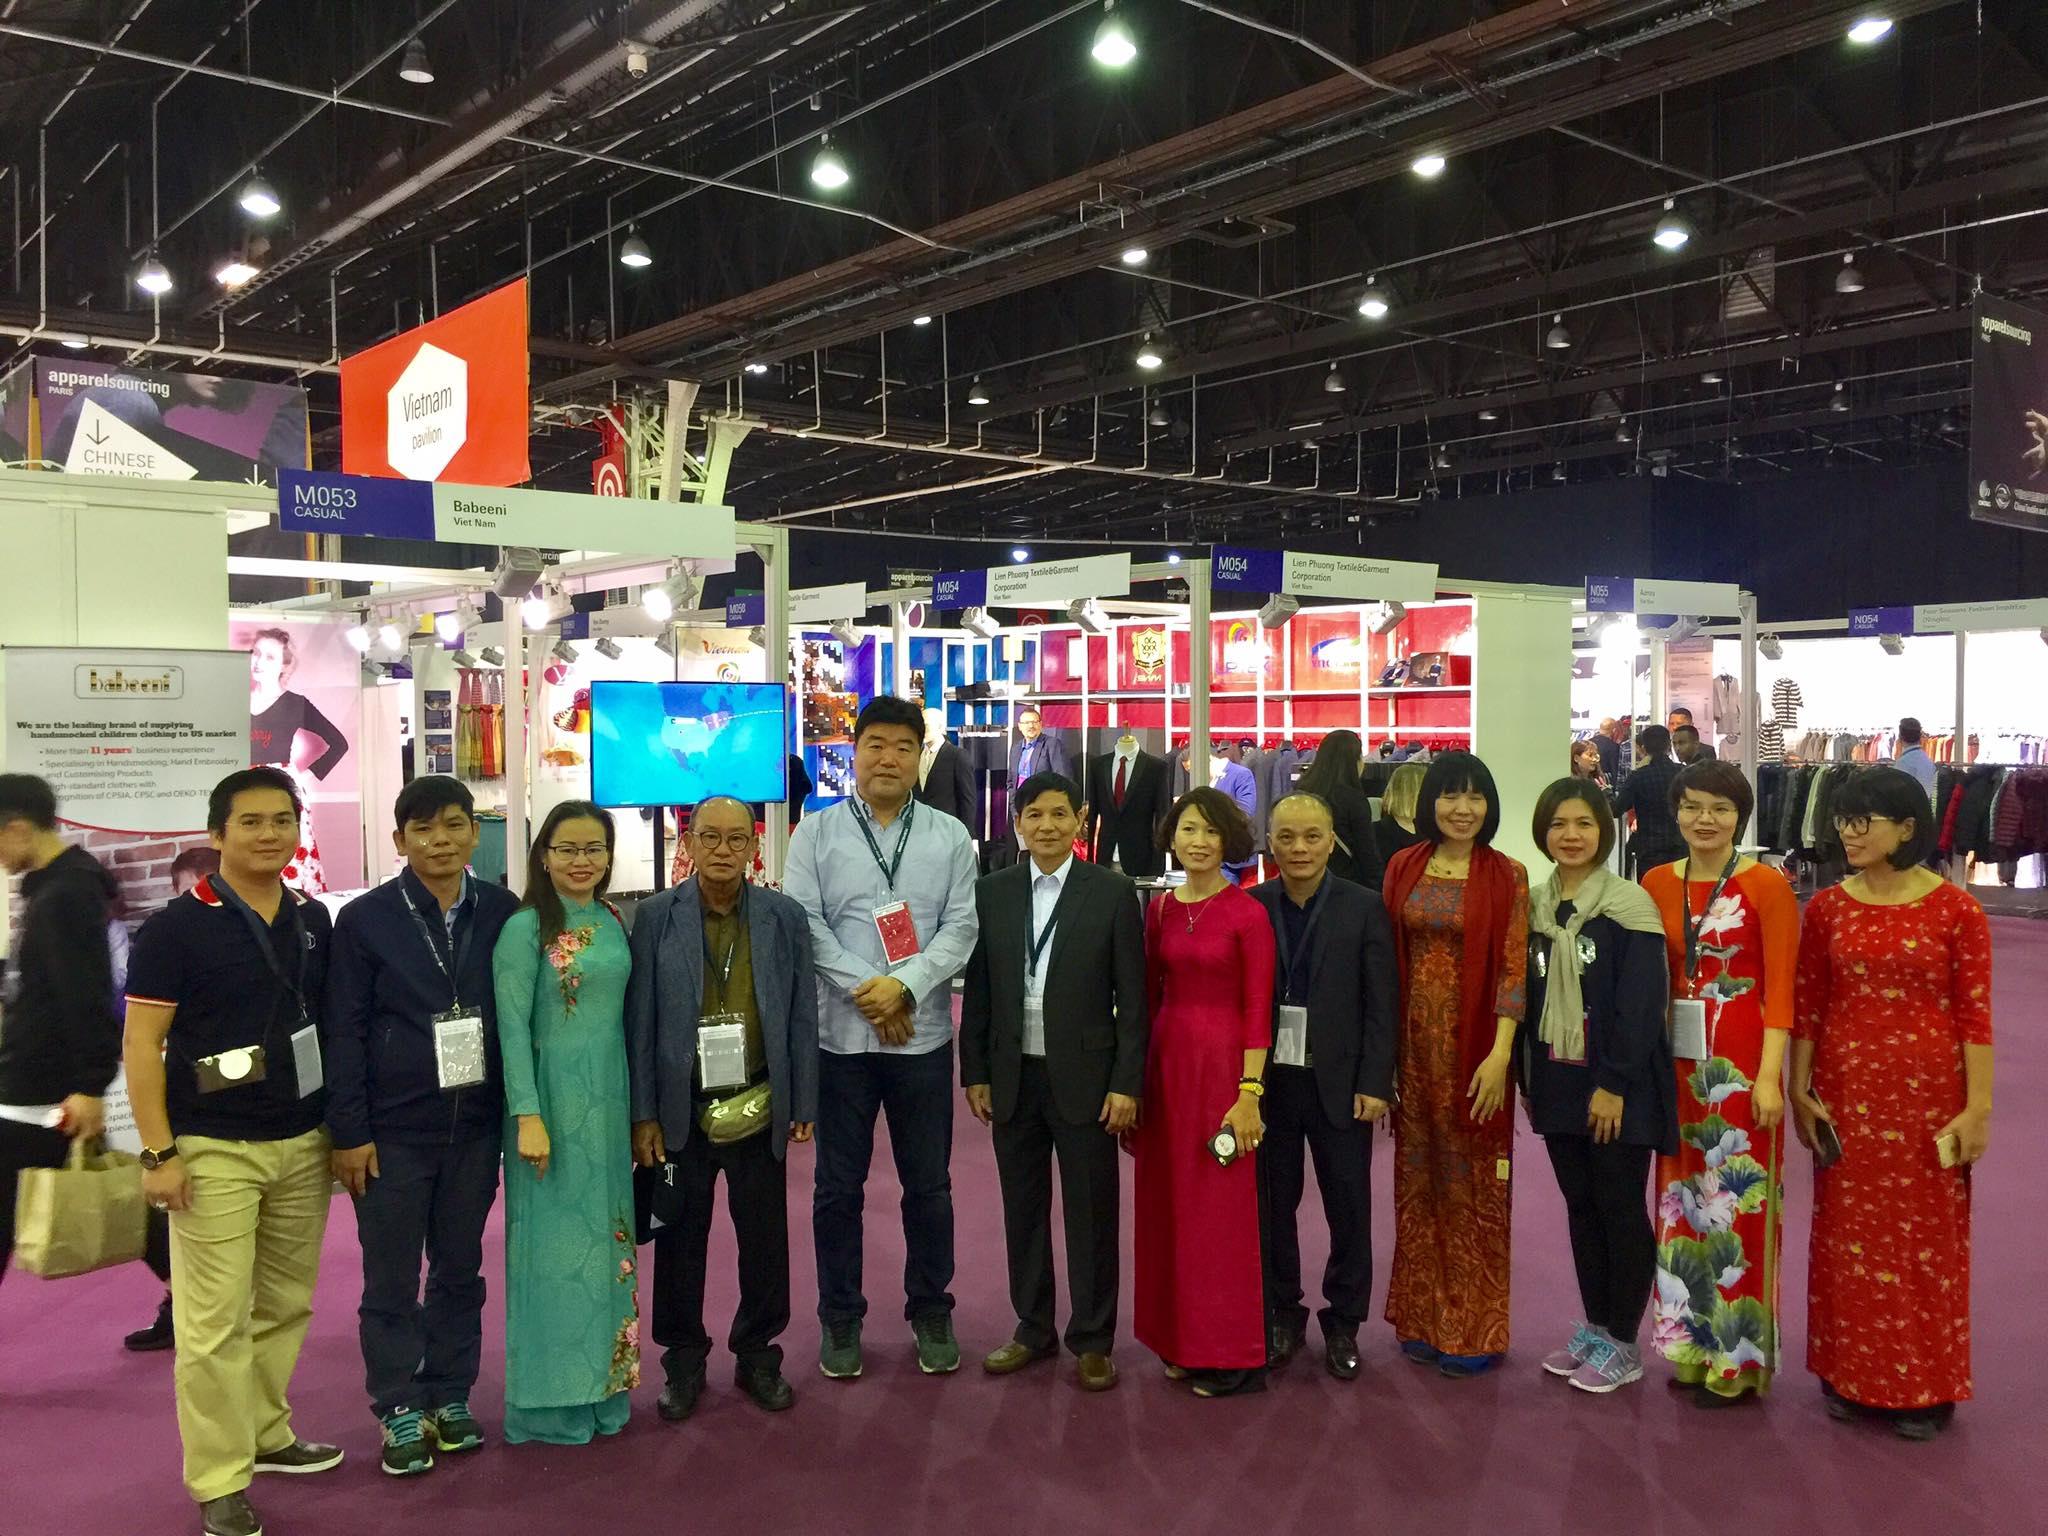 Việt Nam tiếp tục tham dự Hội chợ Apparel Sourcing Paris lần thứ 4 tại Pháp